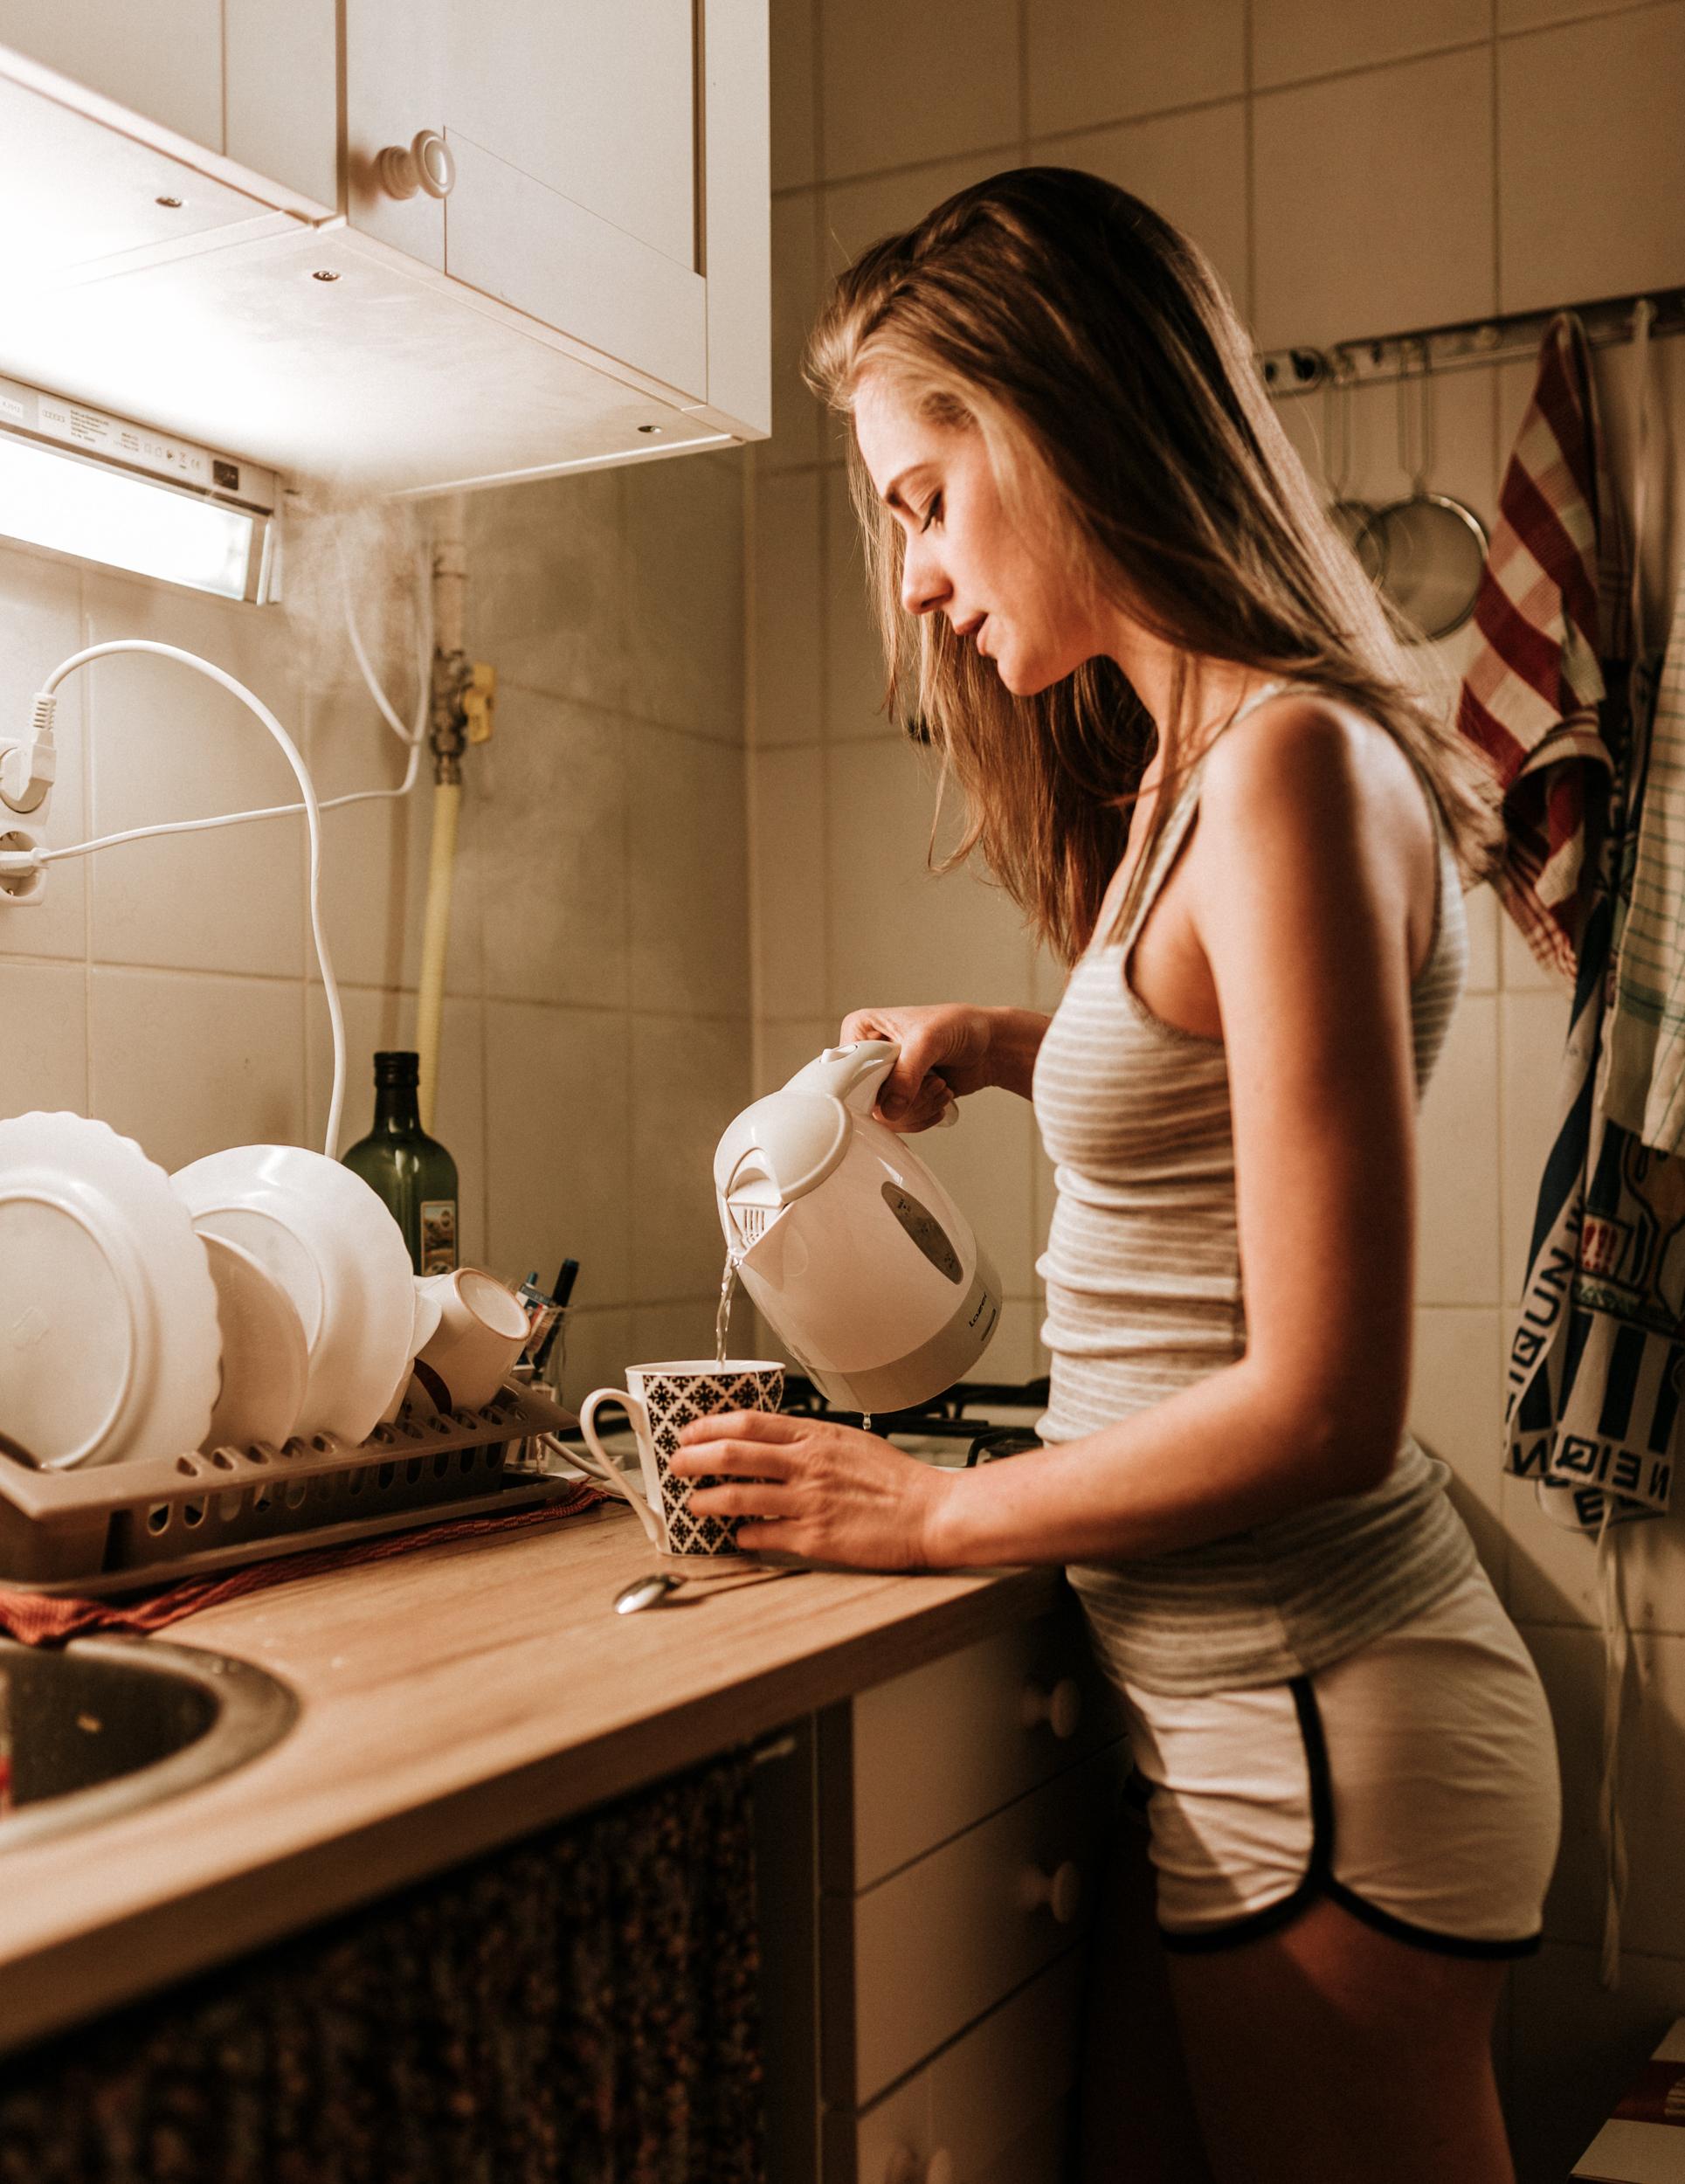 Molly otthoni lifestyle portré fotó. A teafőzés.